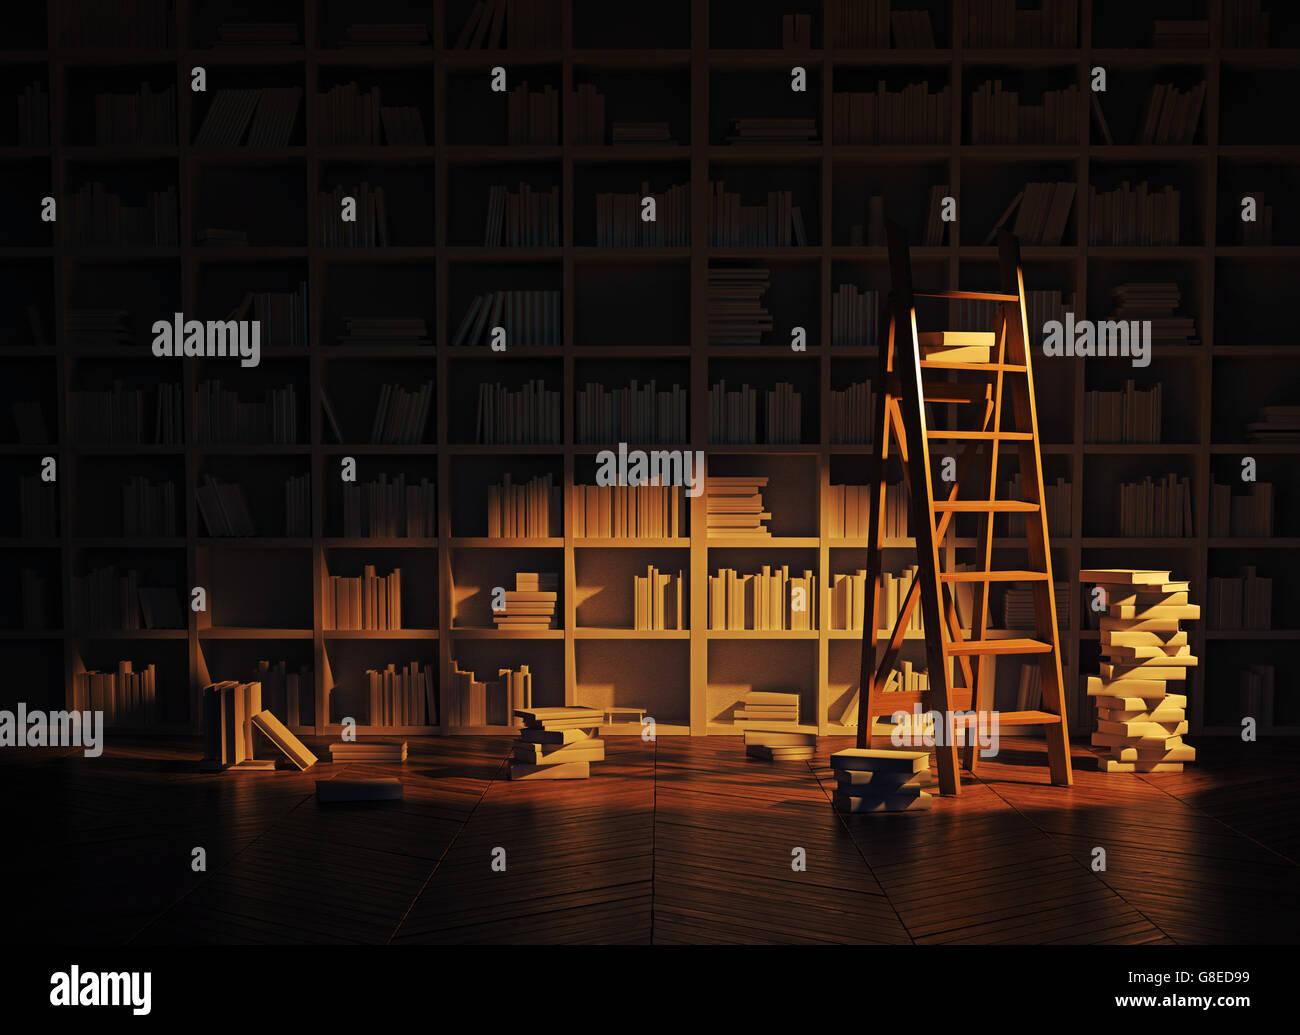 Iluminación de noche en el interior de la biblioteca. 3D rendering Imagen De Stock